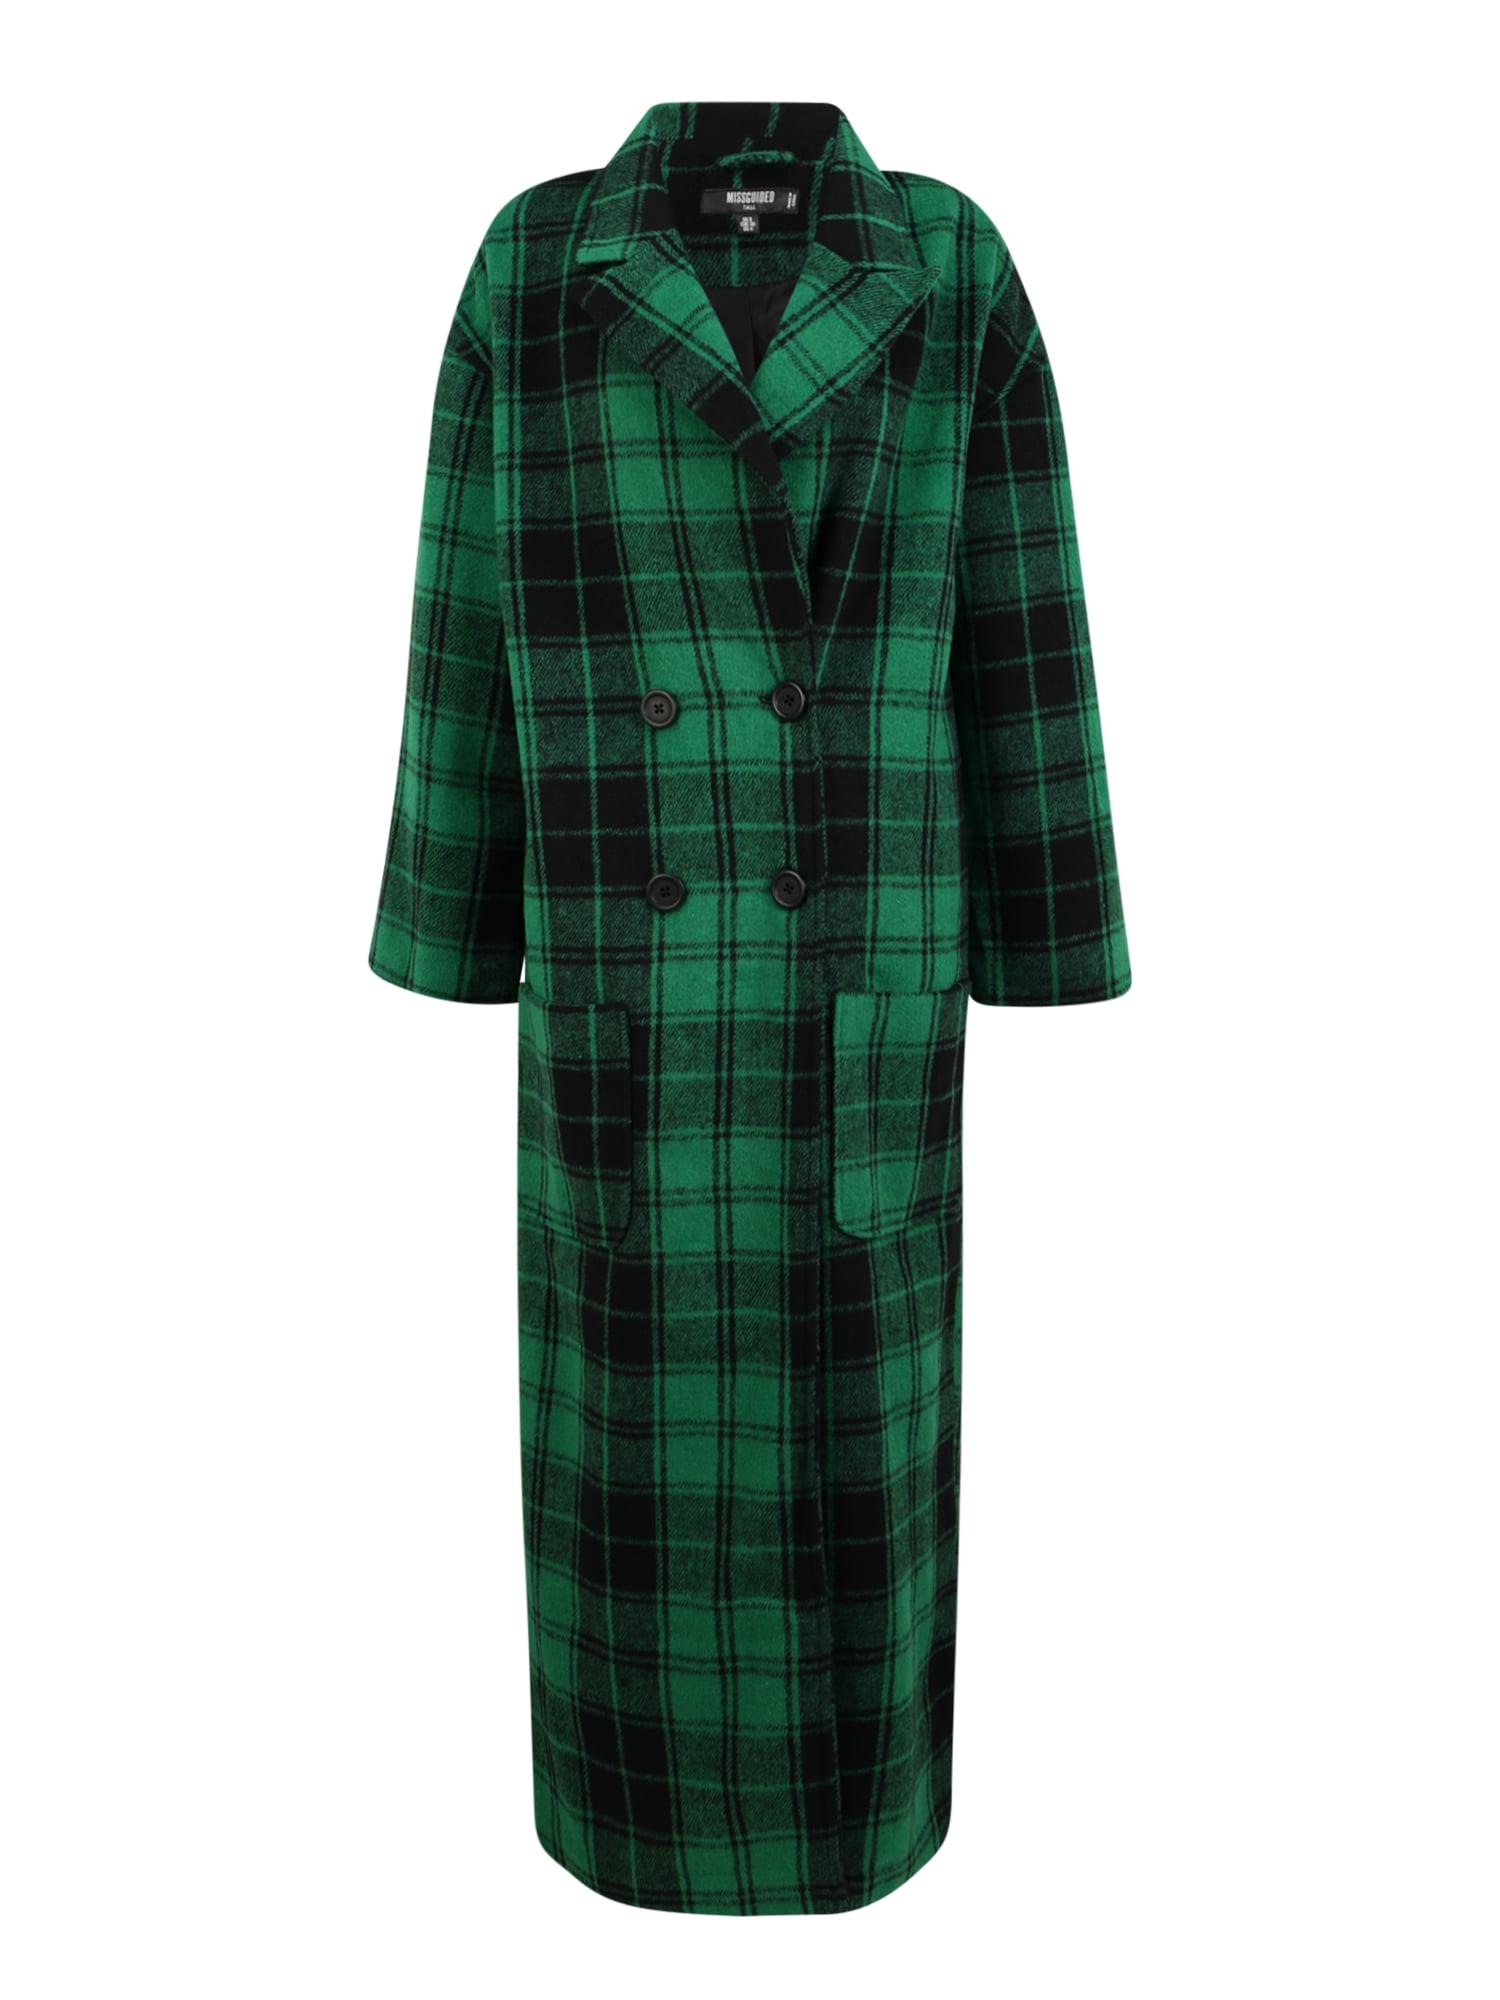 Missguided Tall Demisezoninis paltas žalia / tamsiai žalia